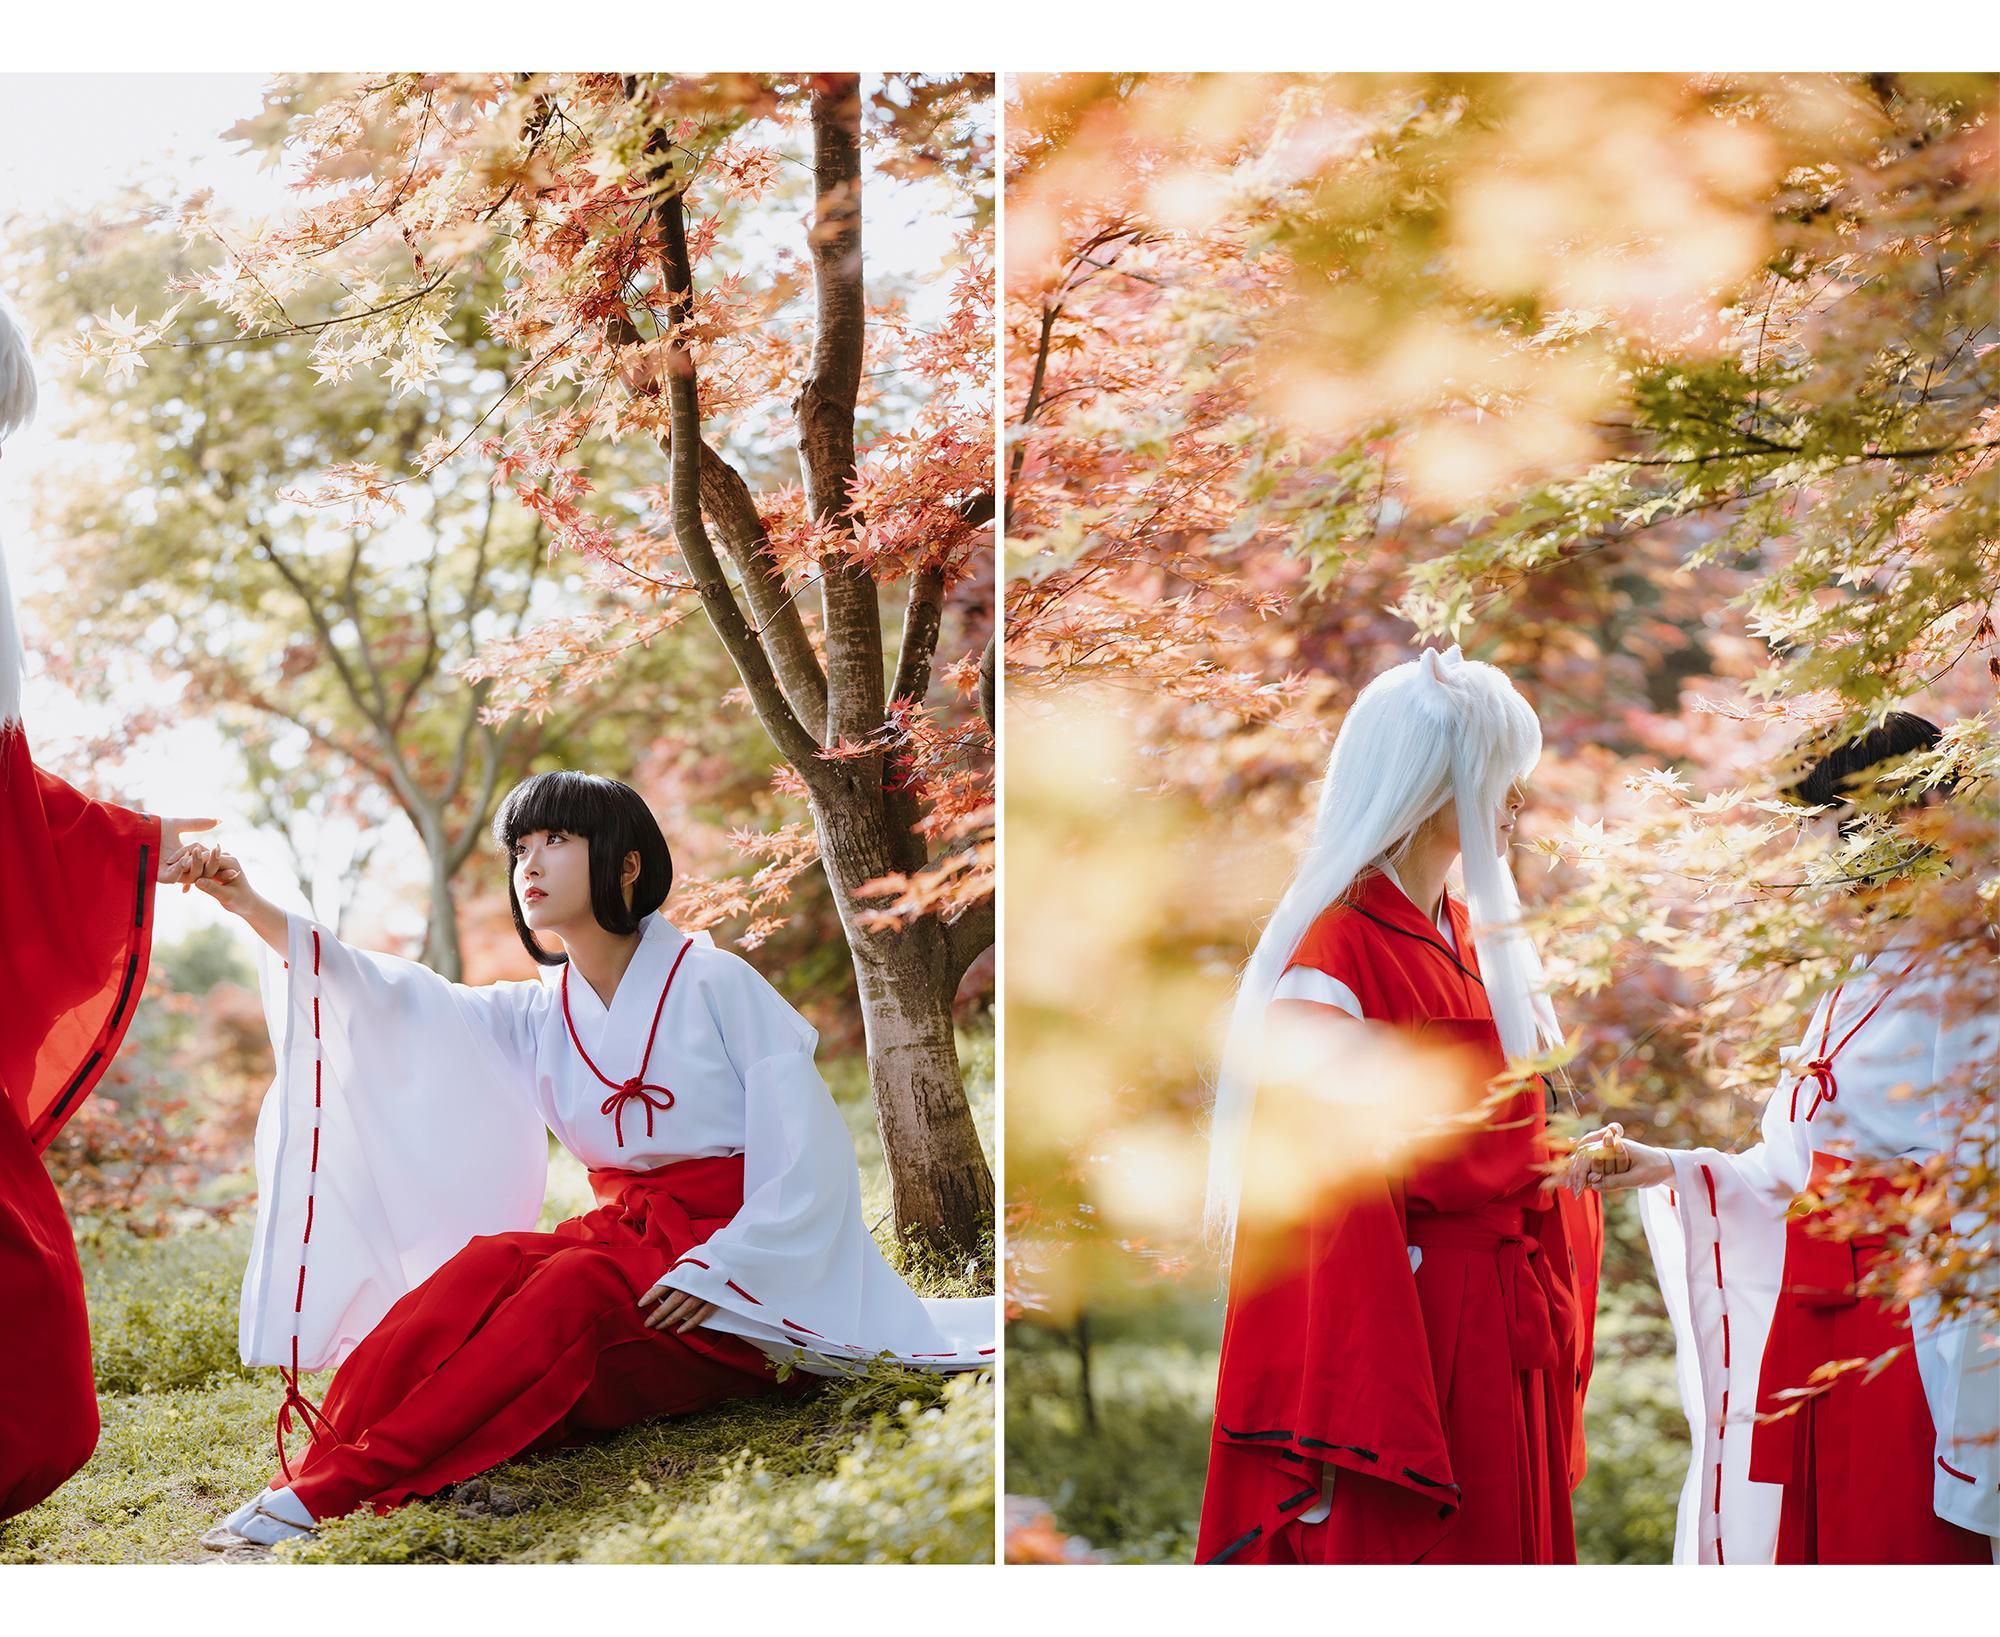 《犬夜叉》桔梗cosplay【CN:乱红】-第10张